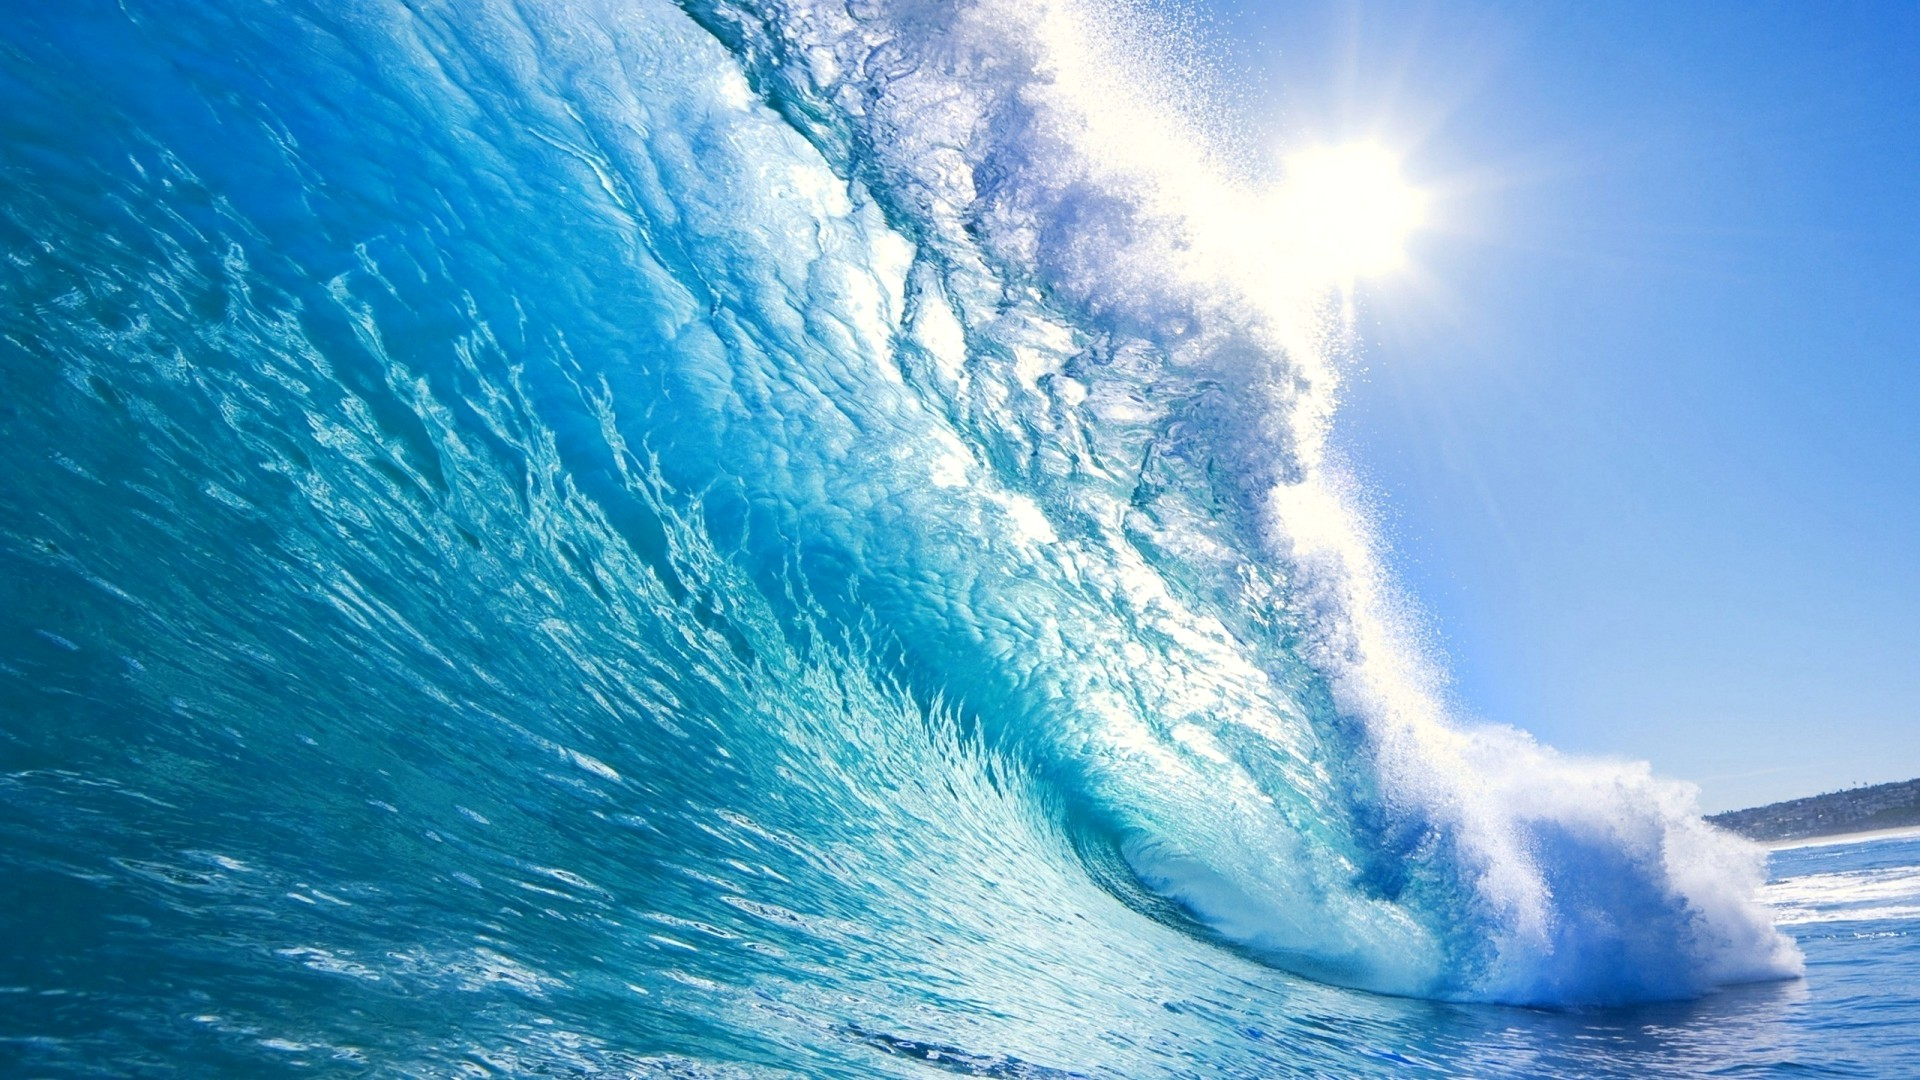 ocean wave wallpapers wallpapersafari; beautiful ocean wallpaper  wallpapersafari …